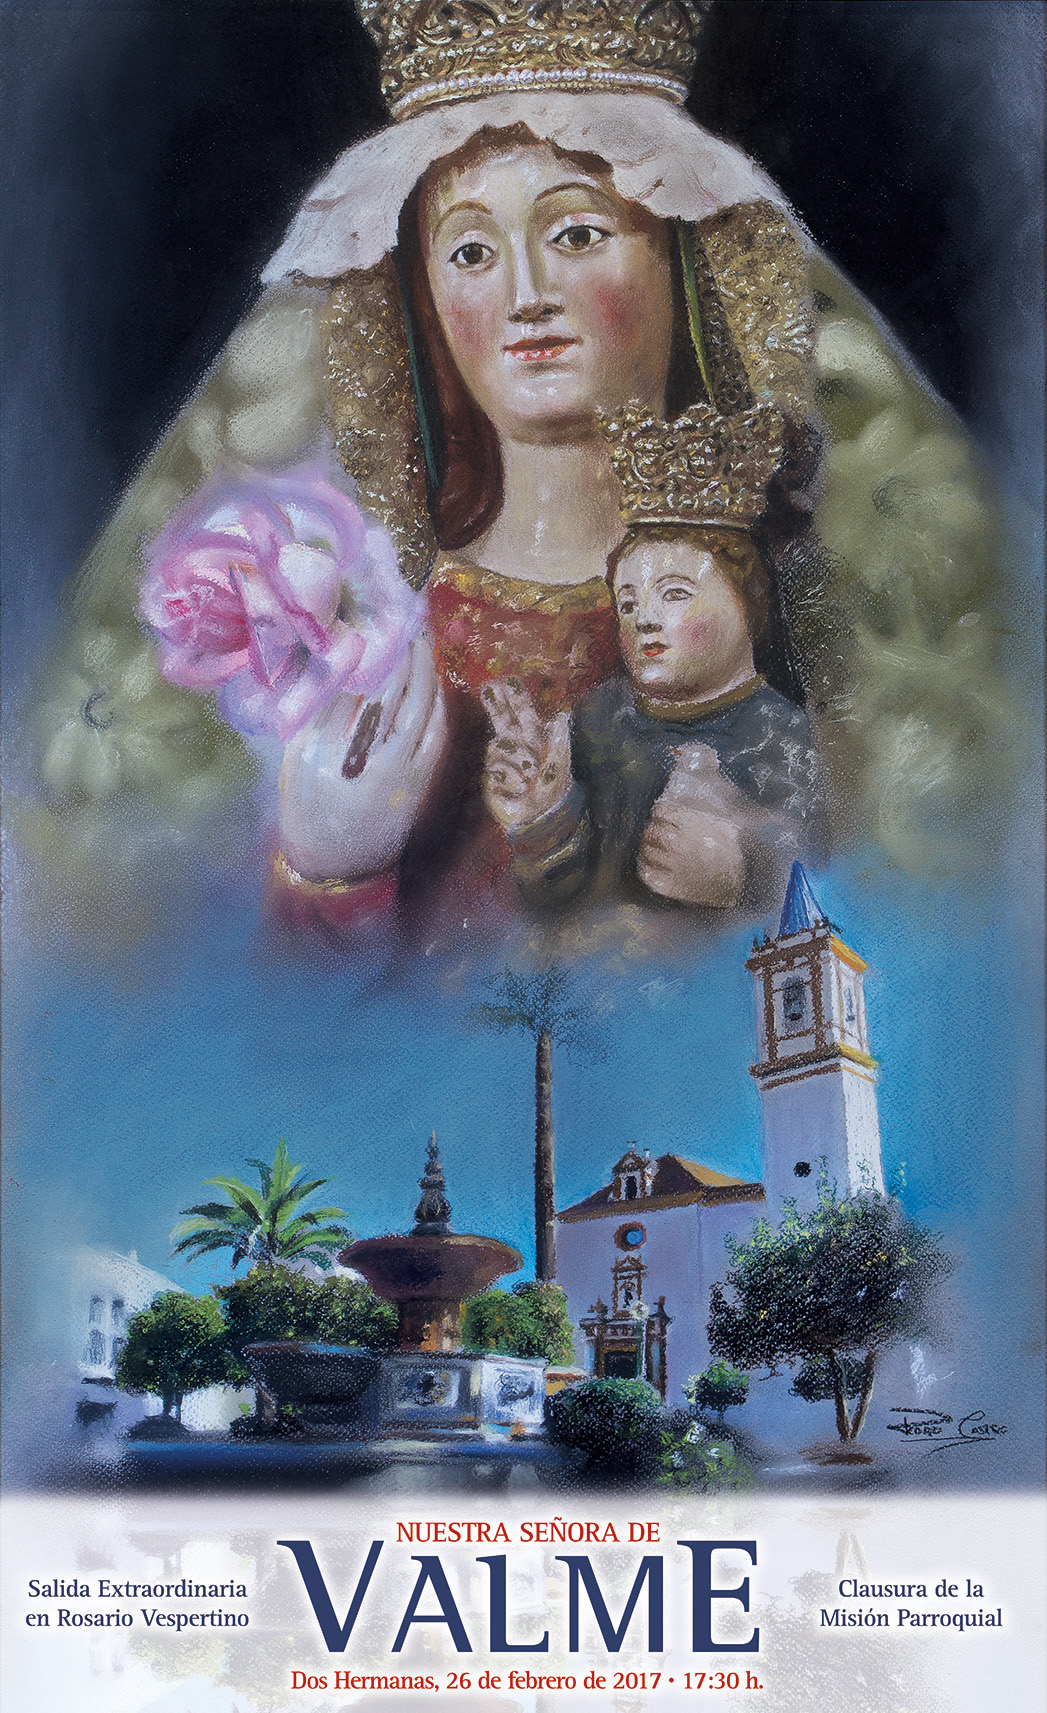 Editado el cartel anunciador de la próxima salida extraordinaria de la Virgen de Valme